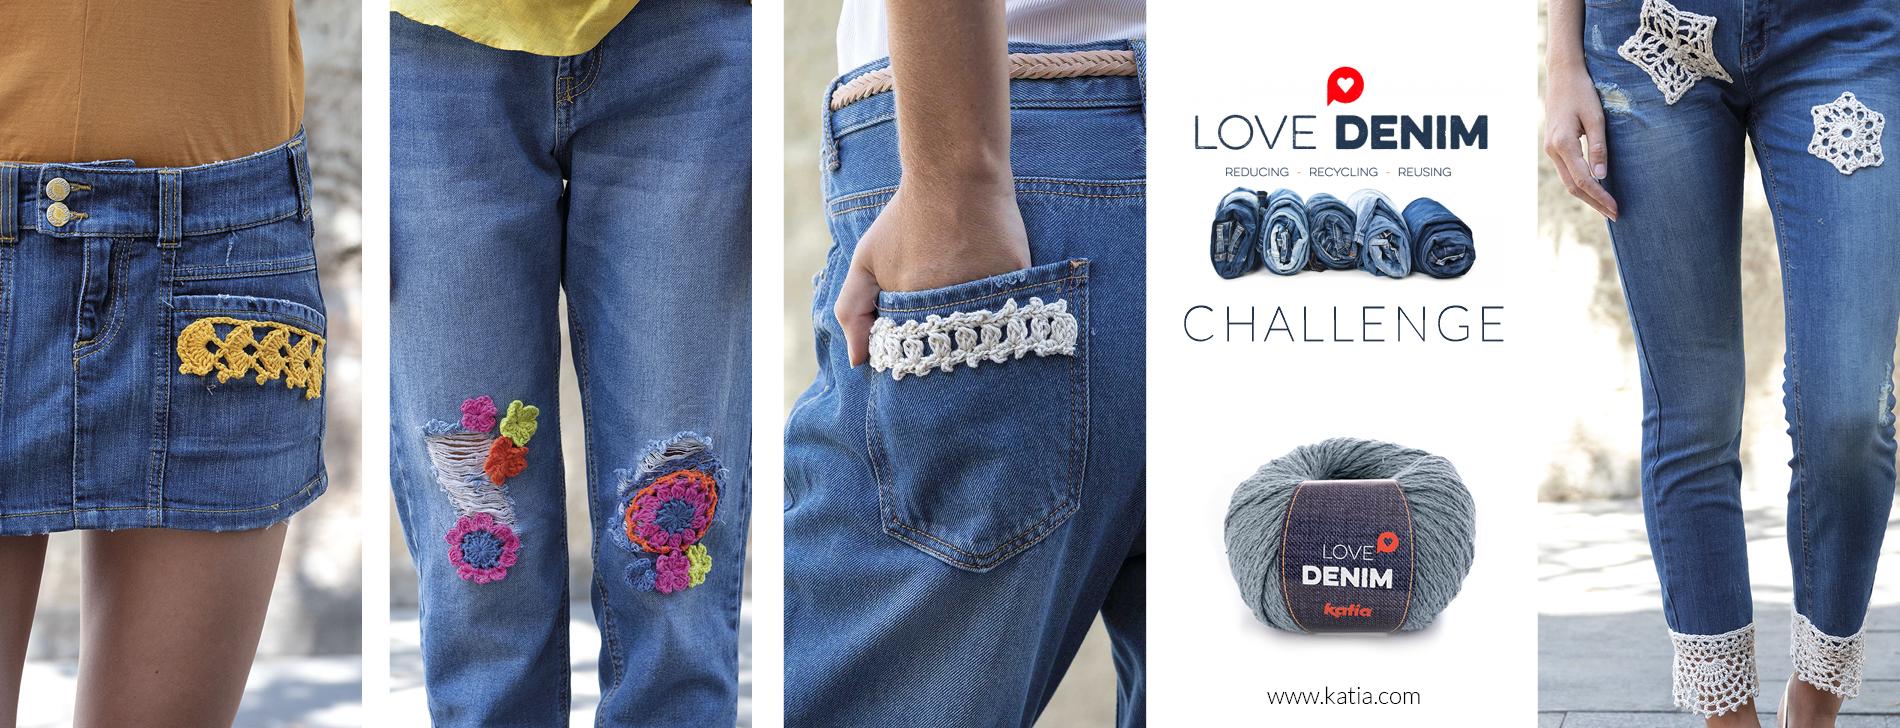 Love Denim Challenge - haakapplicaties om spijkerbroeken te pimpen